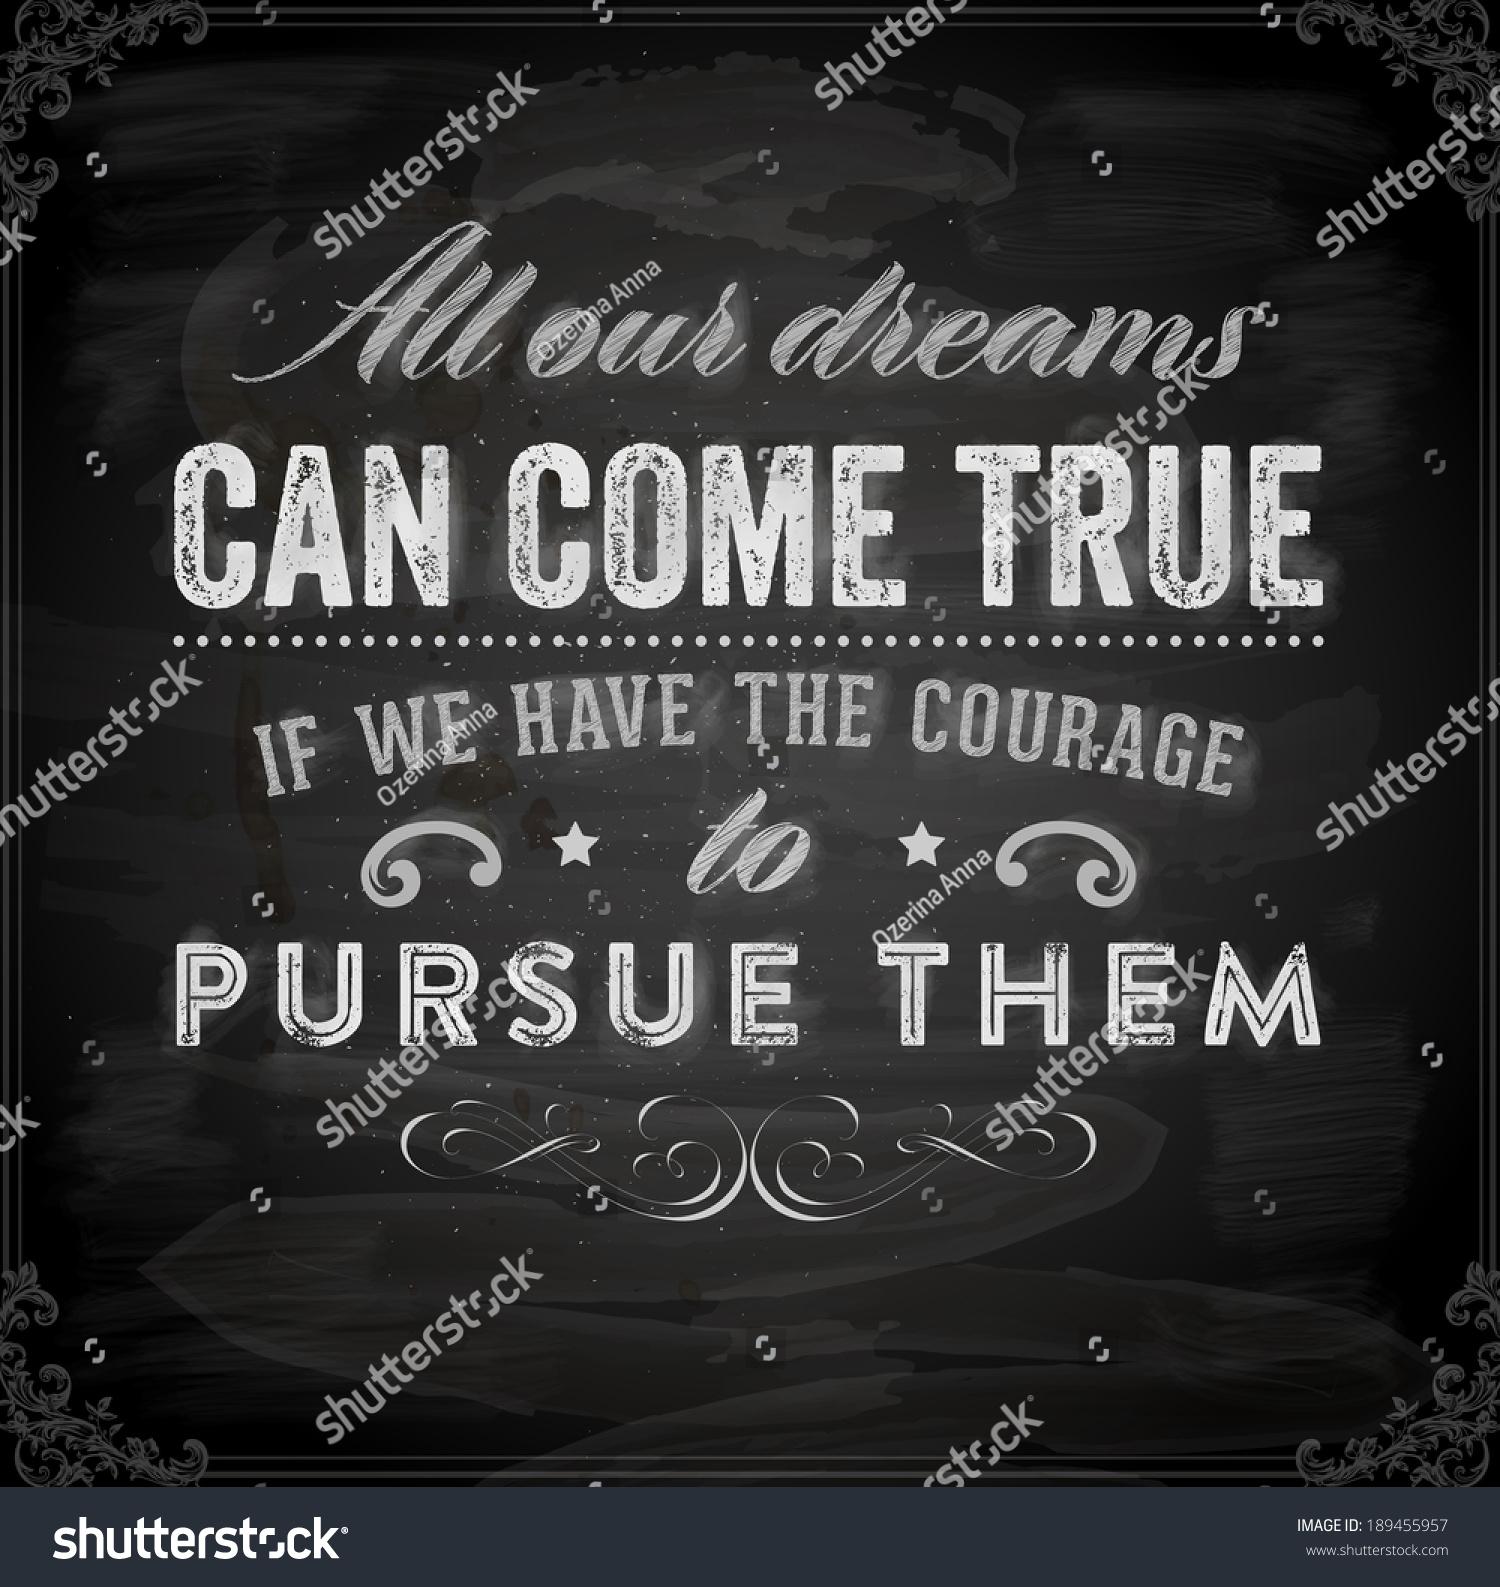 dreams can come true essay